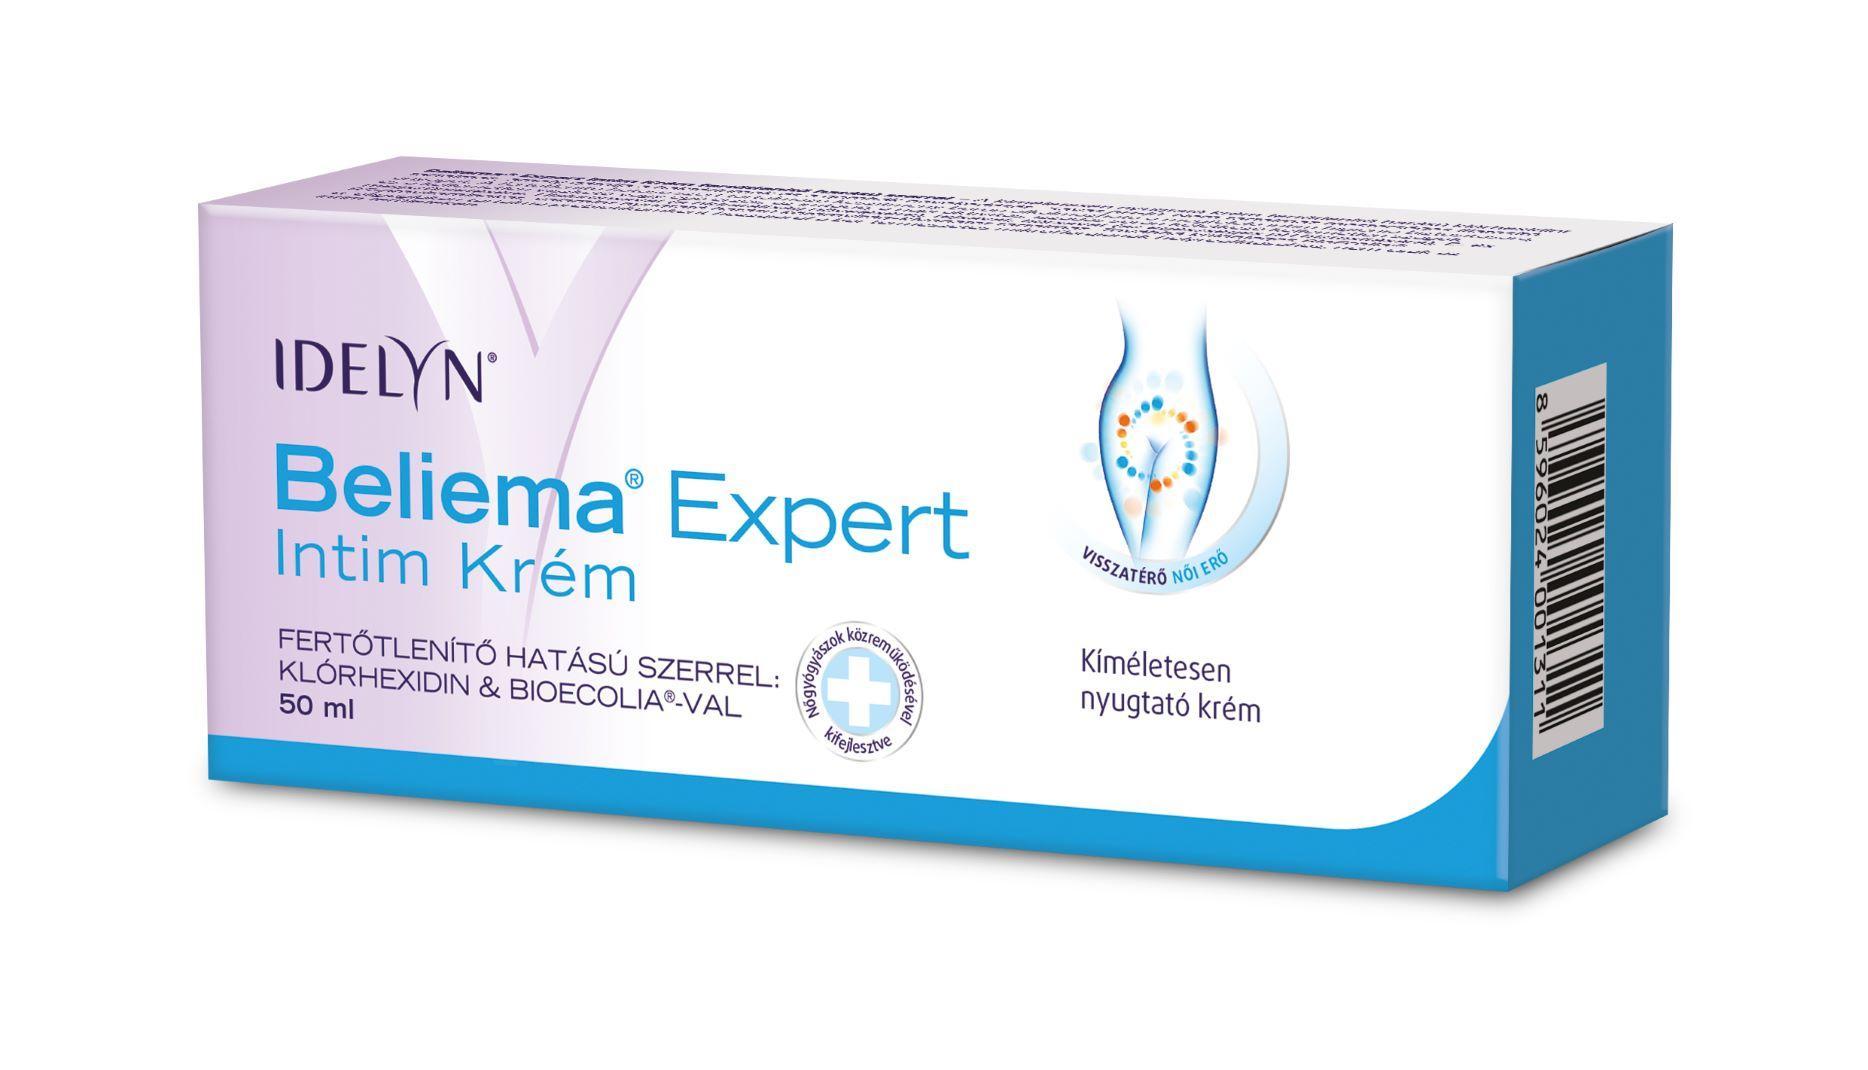 Idelyn Beliema Expert intim lemosó 200ml